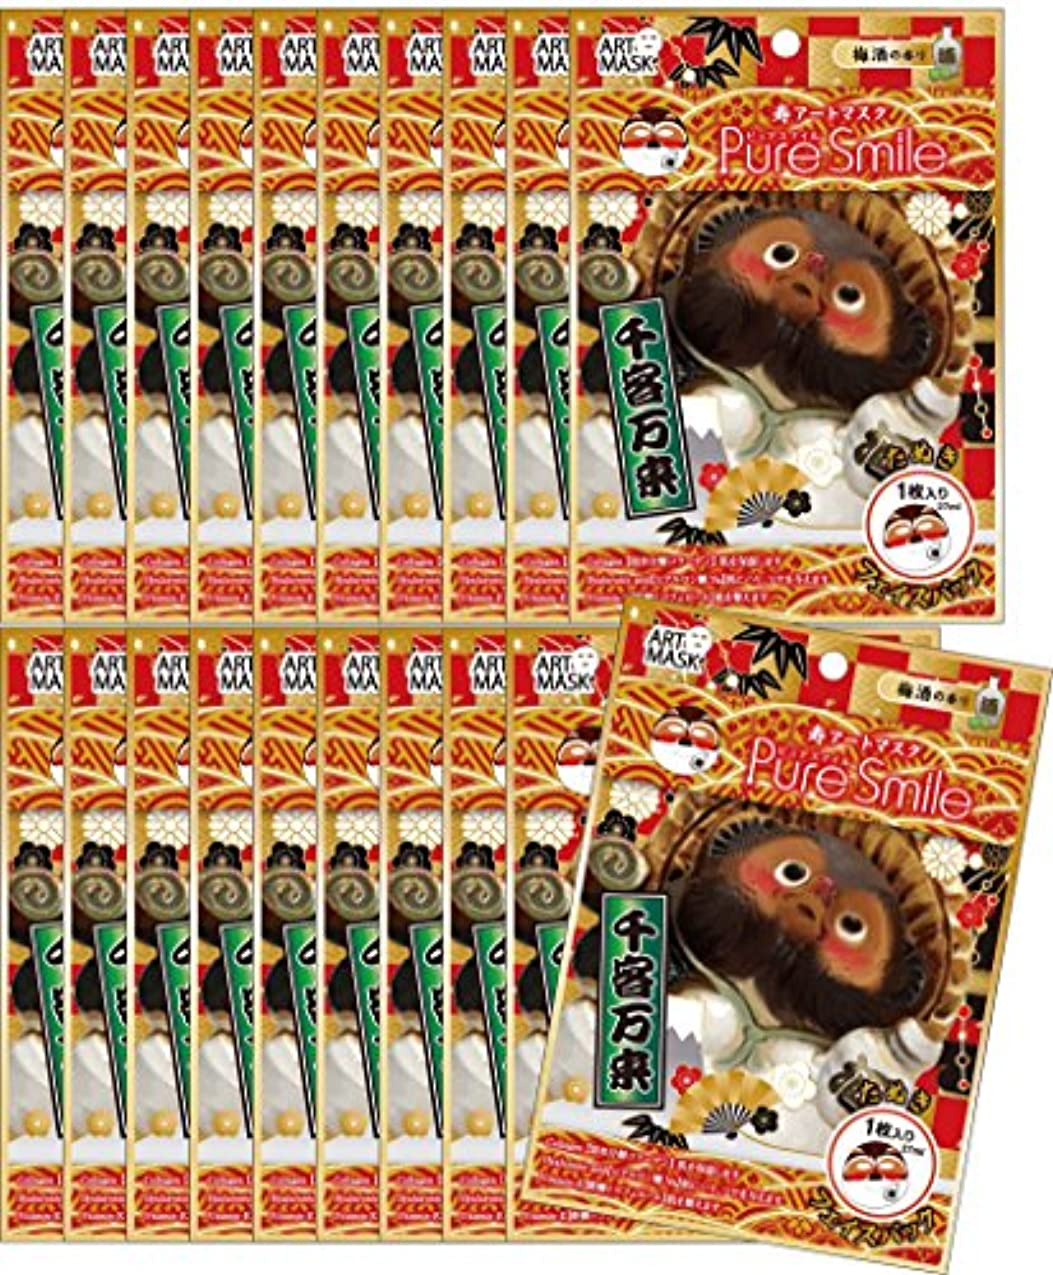 同化受粉者甘い【ピュアスマイル】『迎春寿アートマスク』(たぬき/梅酒の香り)20枚セット